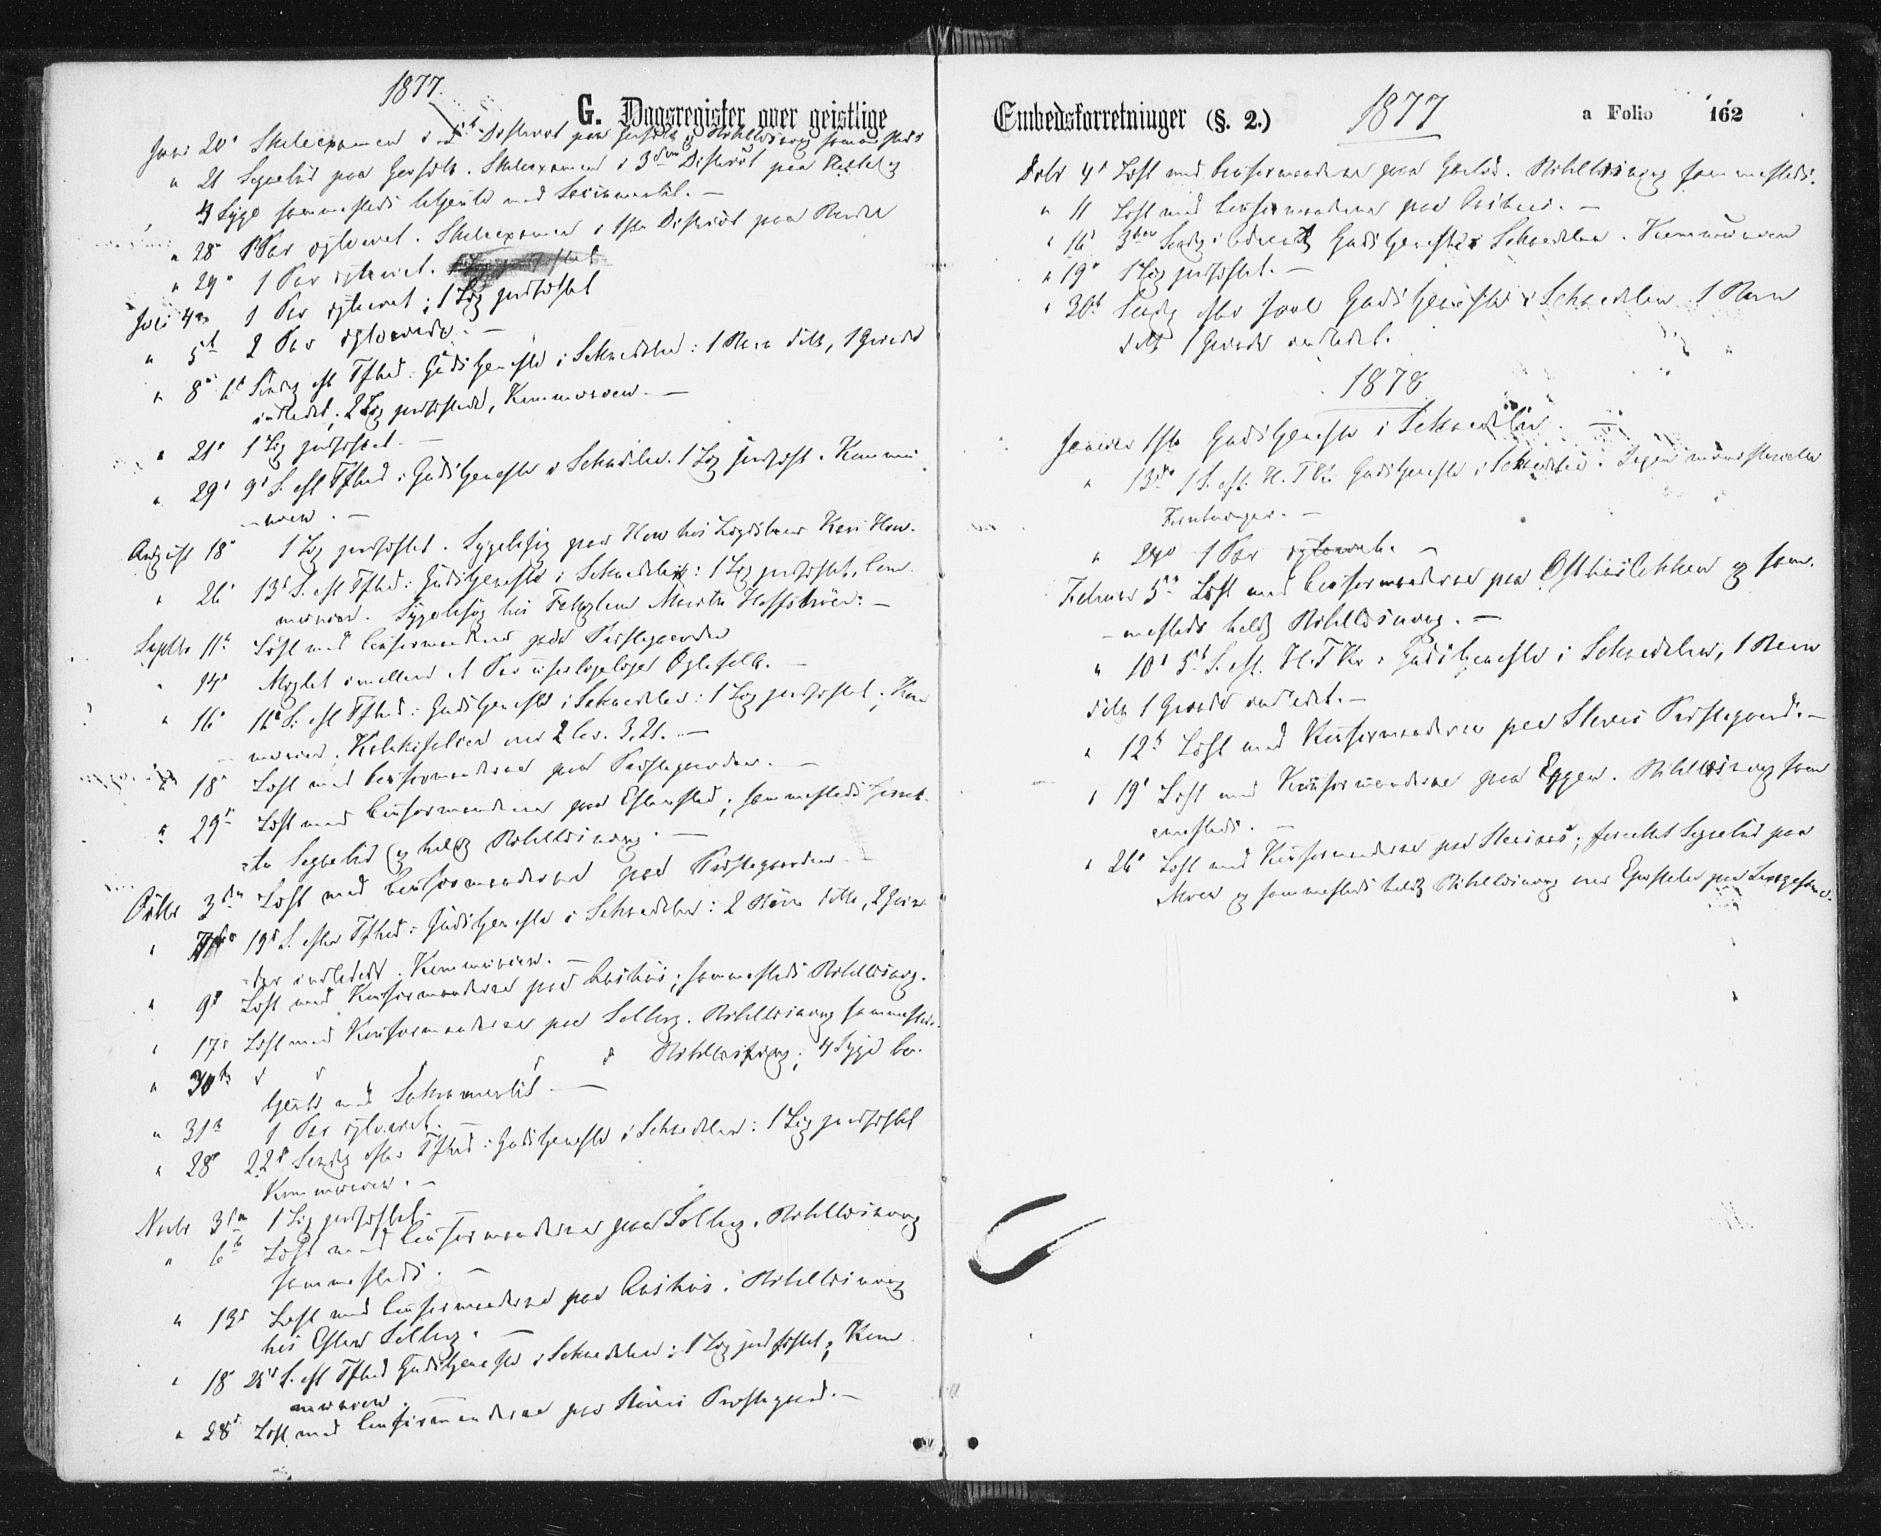 SAT, Ministerialprotokoller, klokkerbøker og fødselsregistre - Sør-Trøndelag, 689/L1039: Ministerialbok nr. 689A04, 1865-1878, s. 162